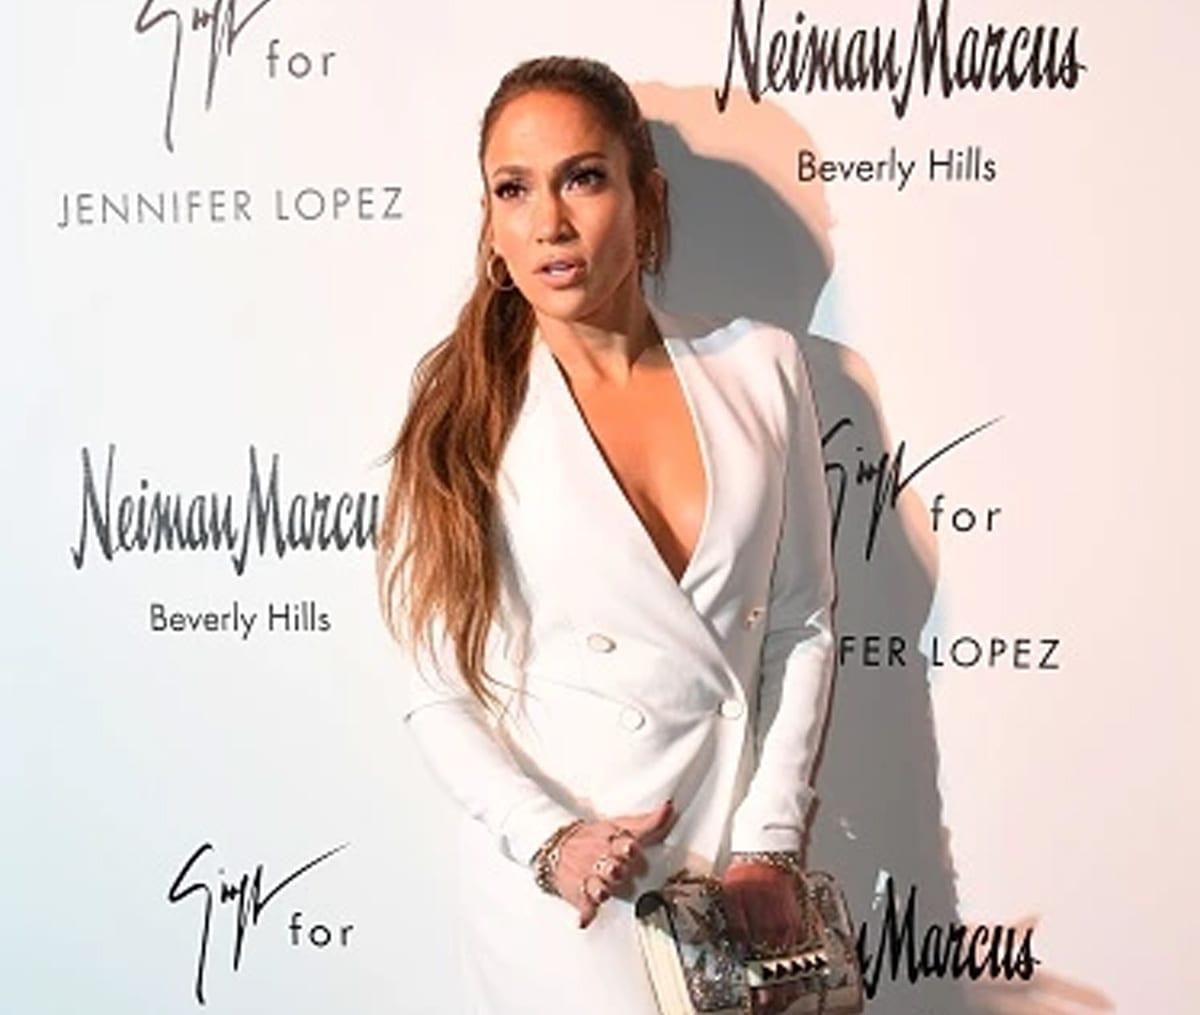 Jennifer López posa con ardiente vestido con transparencias y las redes explotan